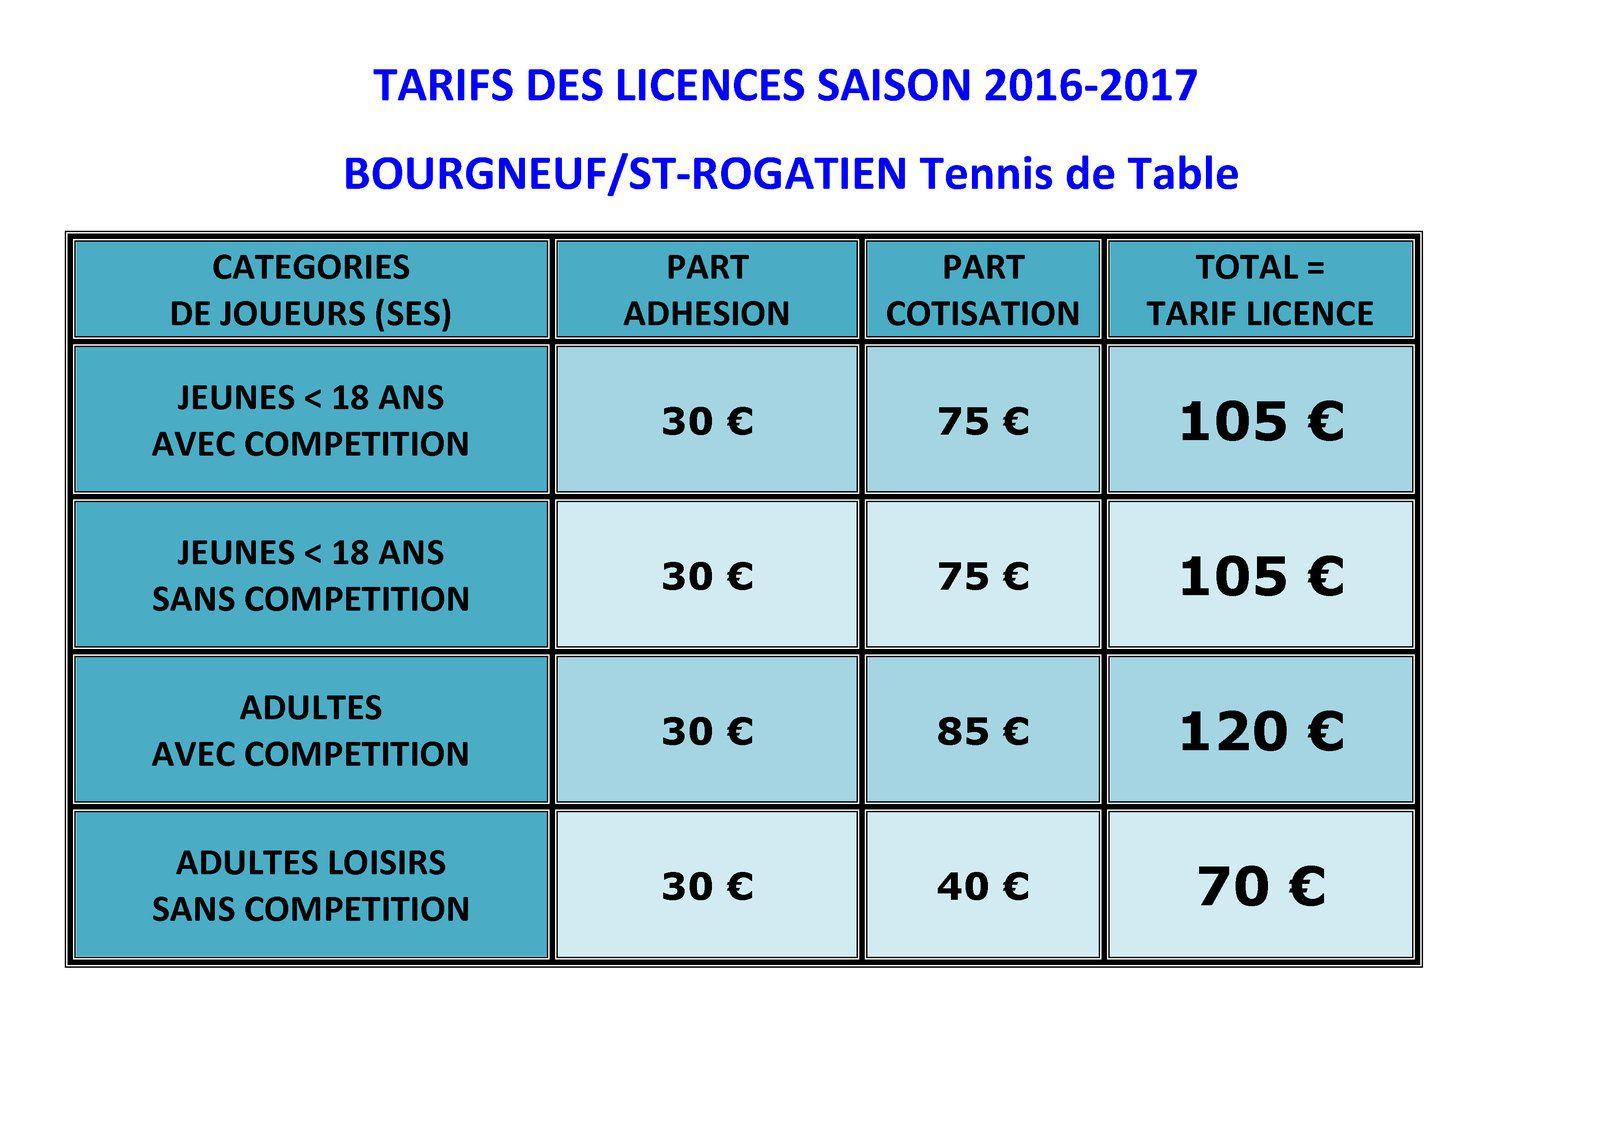 TARIF DES LICENCES SAISON 2016-2017